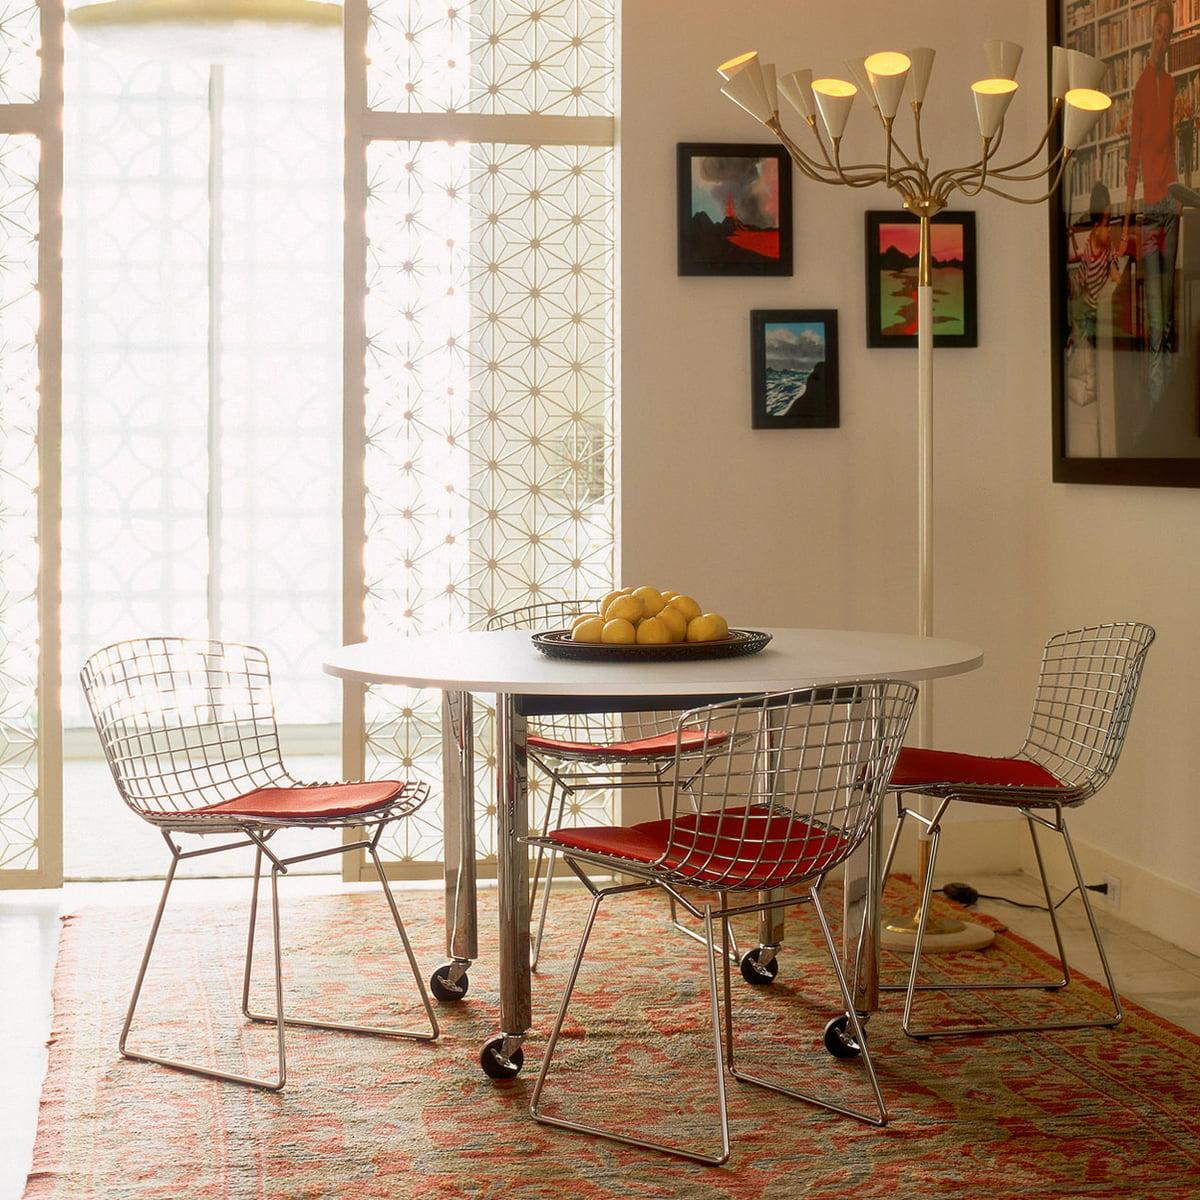 chaise bertoia en acier prs de la table manger - Chaise Bertoia